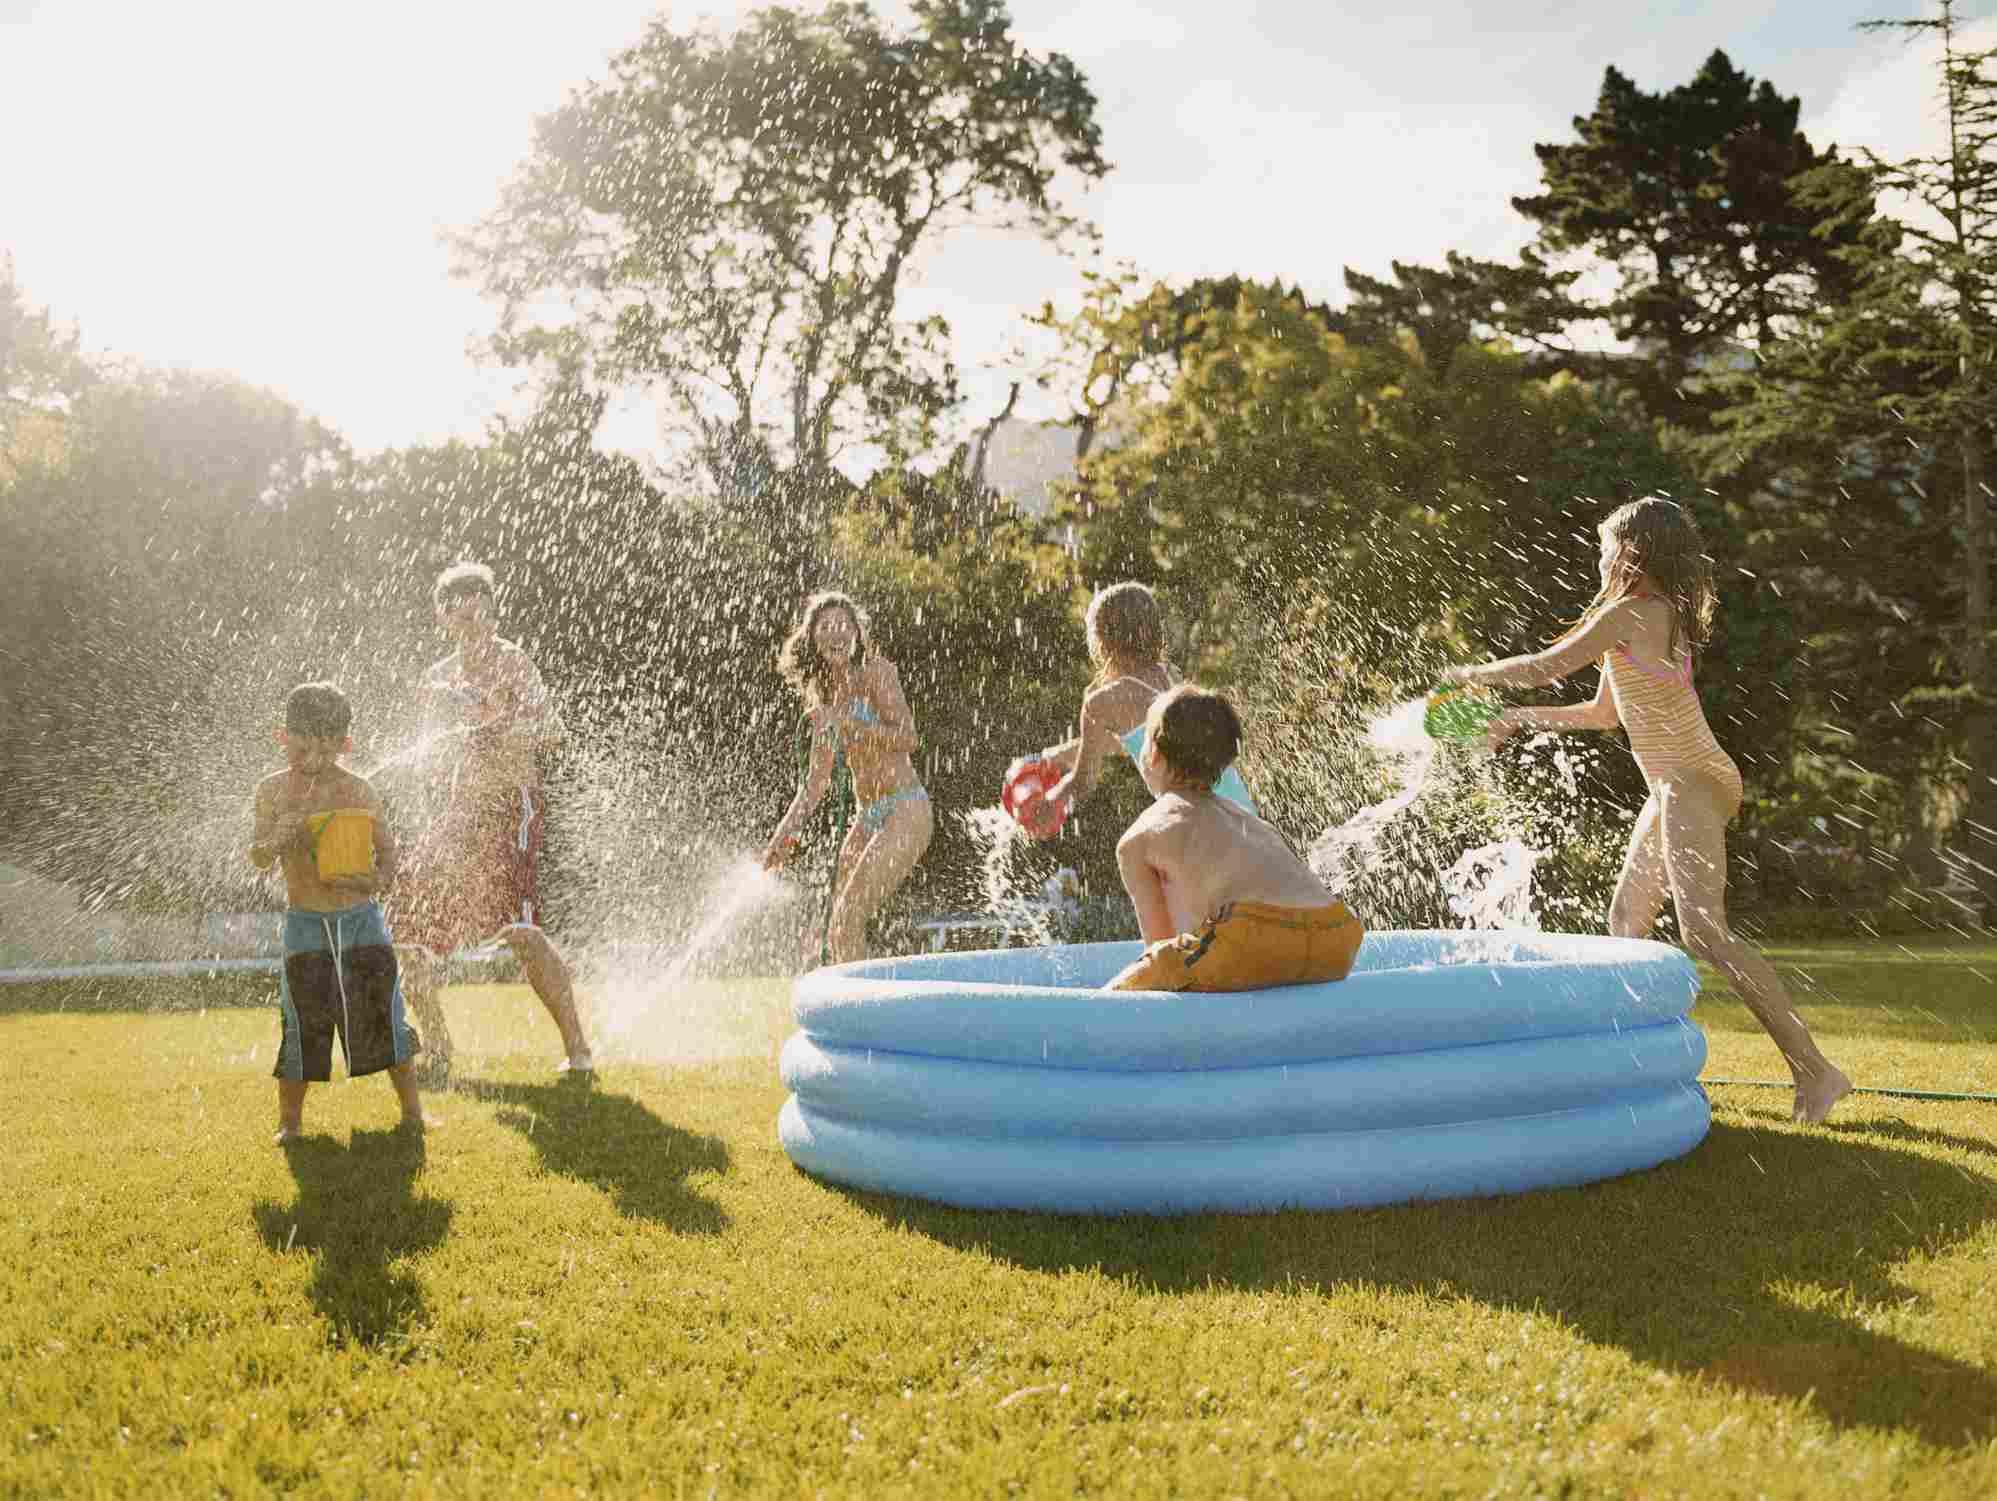 Una piscina azul para niños en el césped con niños peleando por el agua